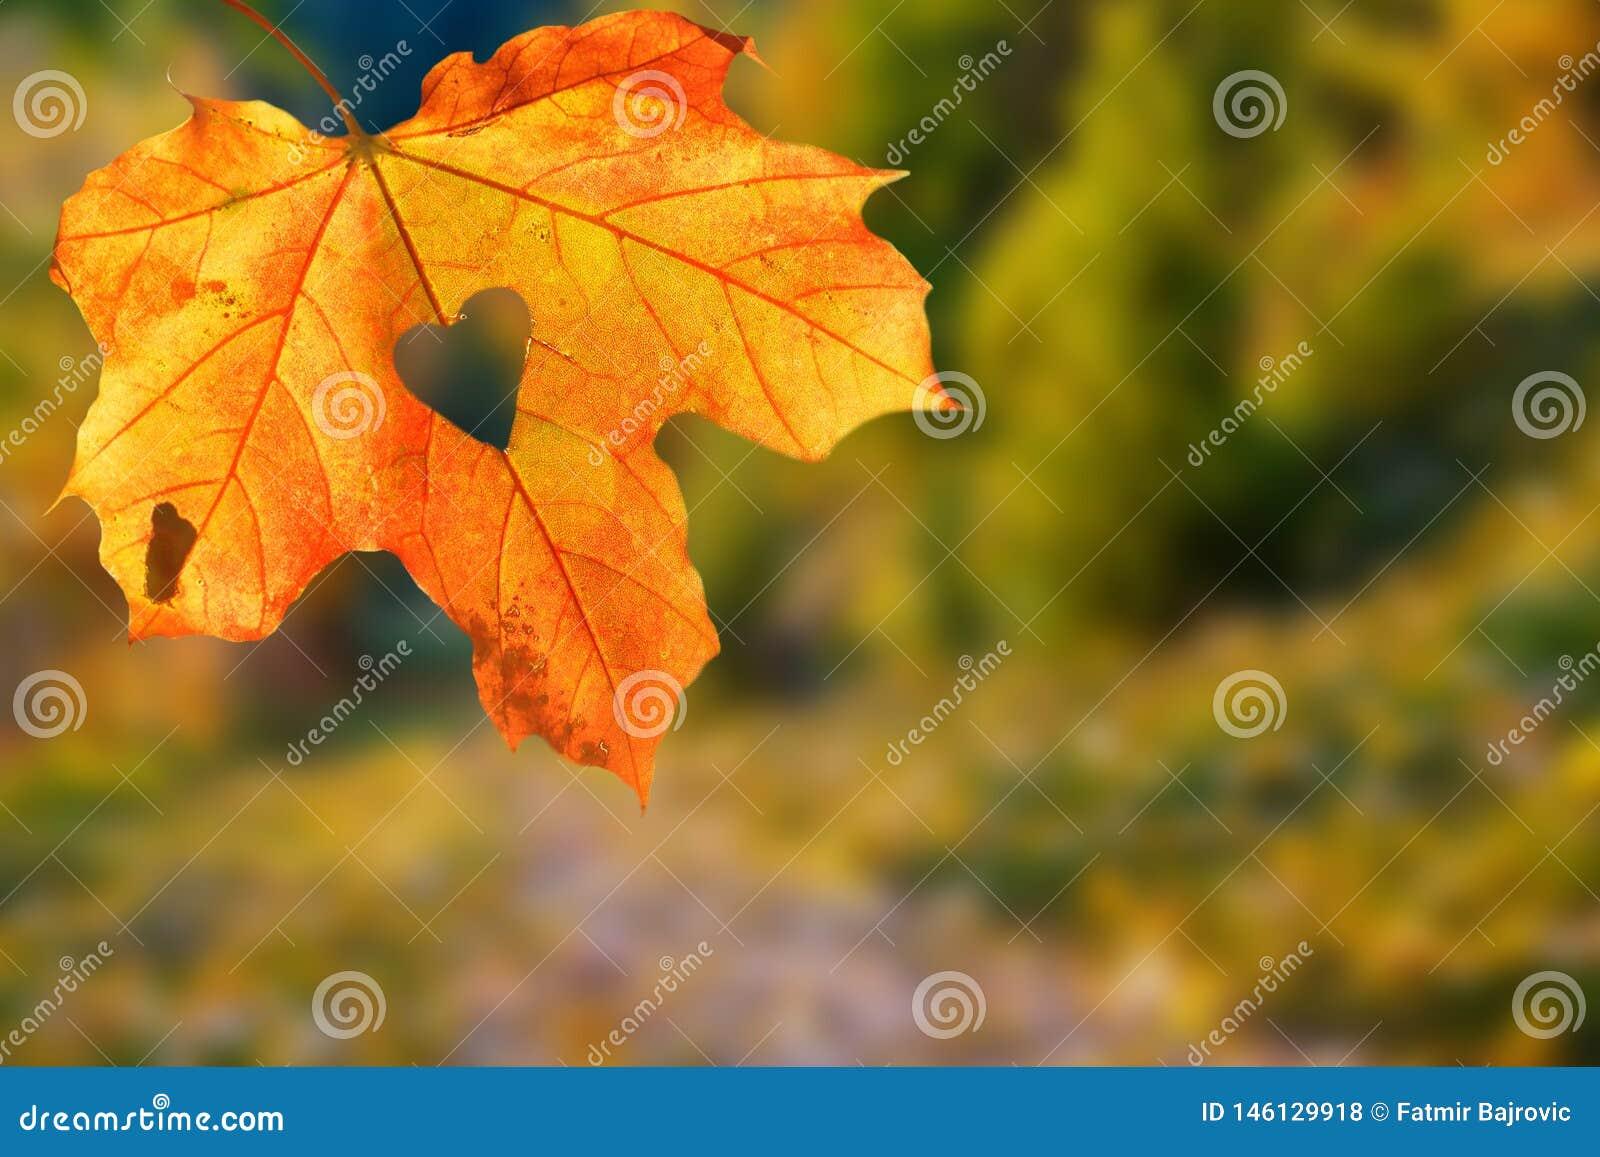 Det är en mycket trevlig detalj i natur Ett stort orange blad med ettformat hål på det upp som är nära Höstlandskap i bakgrunden